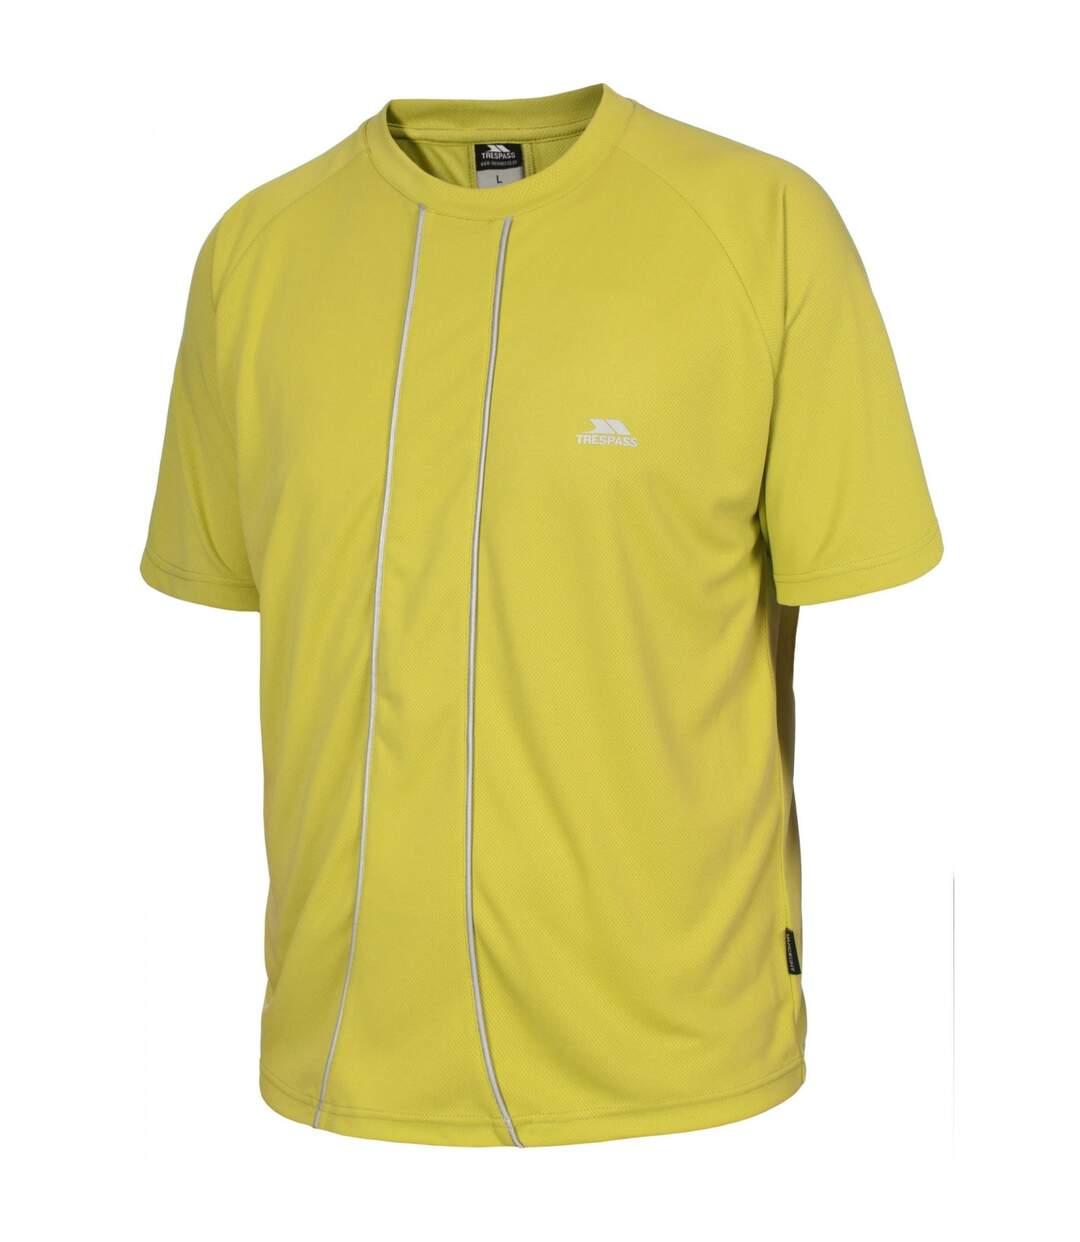 Trespass Mens Ruthin Active Sport Short Sleeve T-Shirt (Greenglow) - UTTP2507